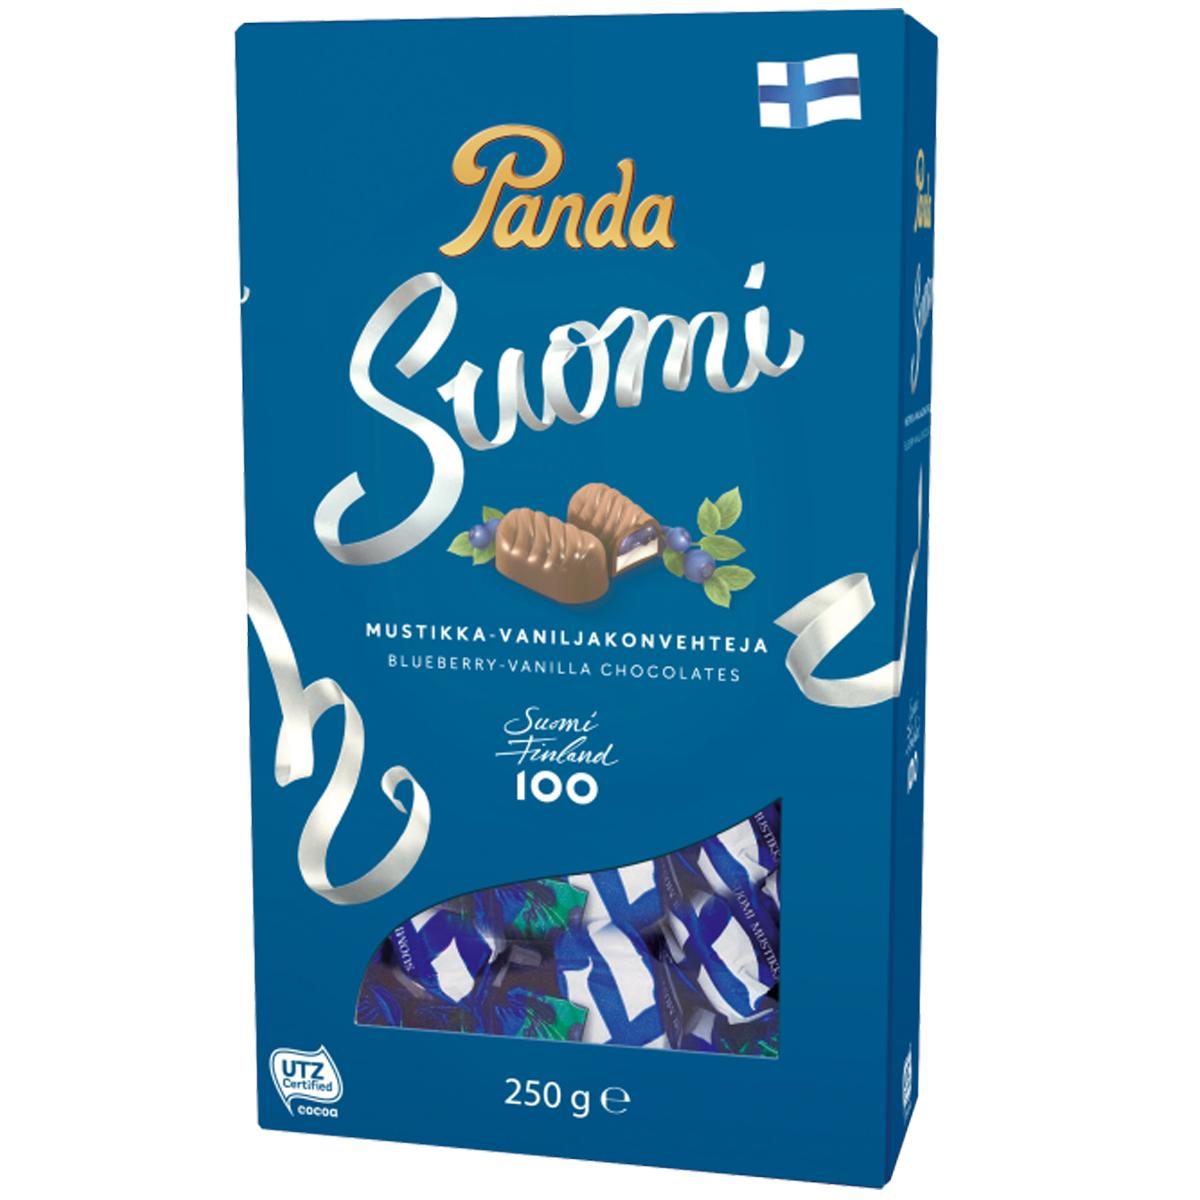 Suklaakonvehteja Mustikka & Vanilja - 31% alennus